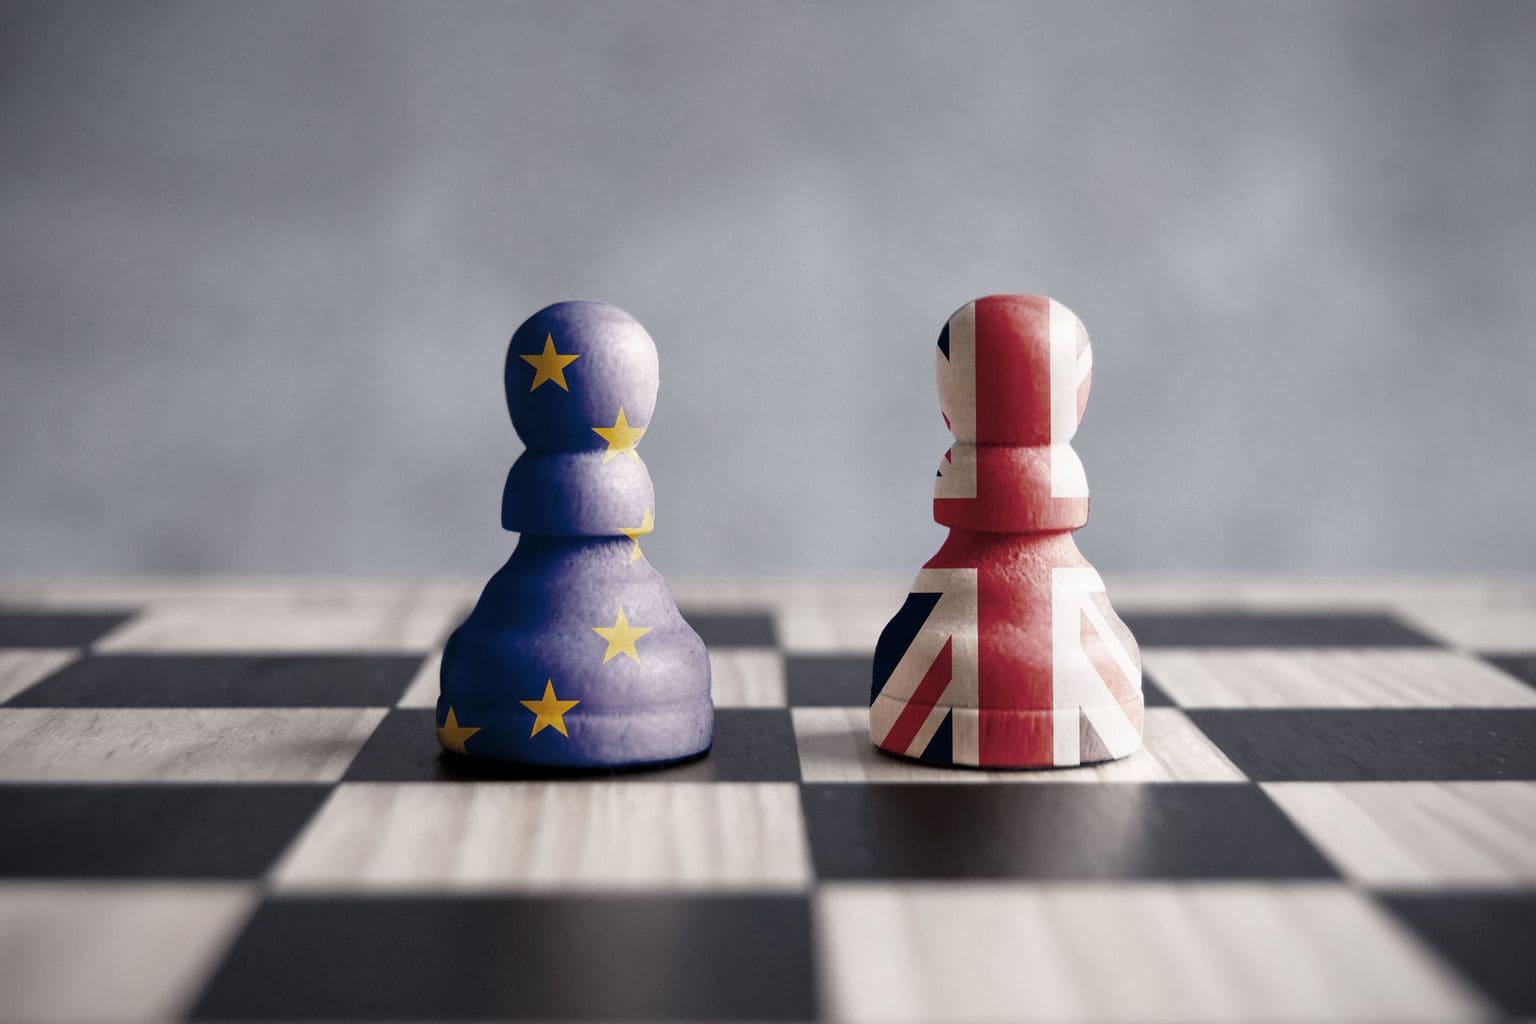 2 pionnen op schaakbord in EU en VK kleuren